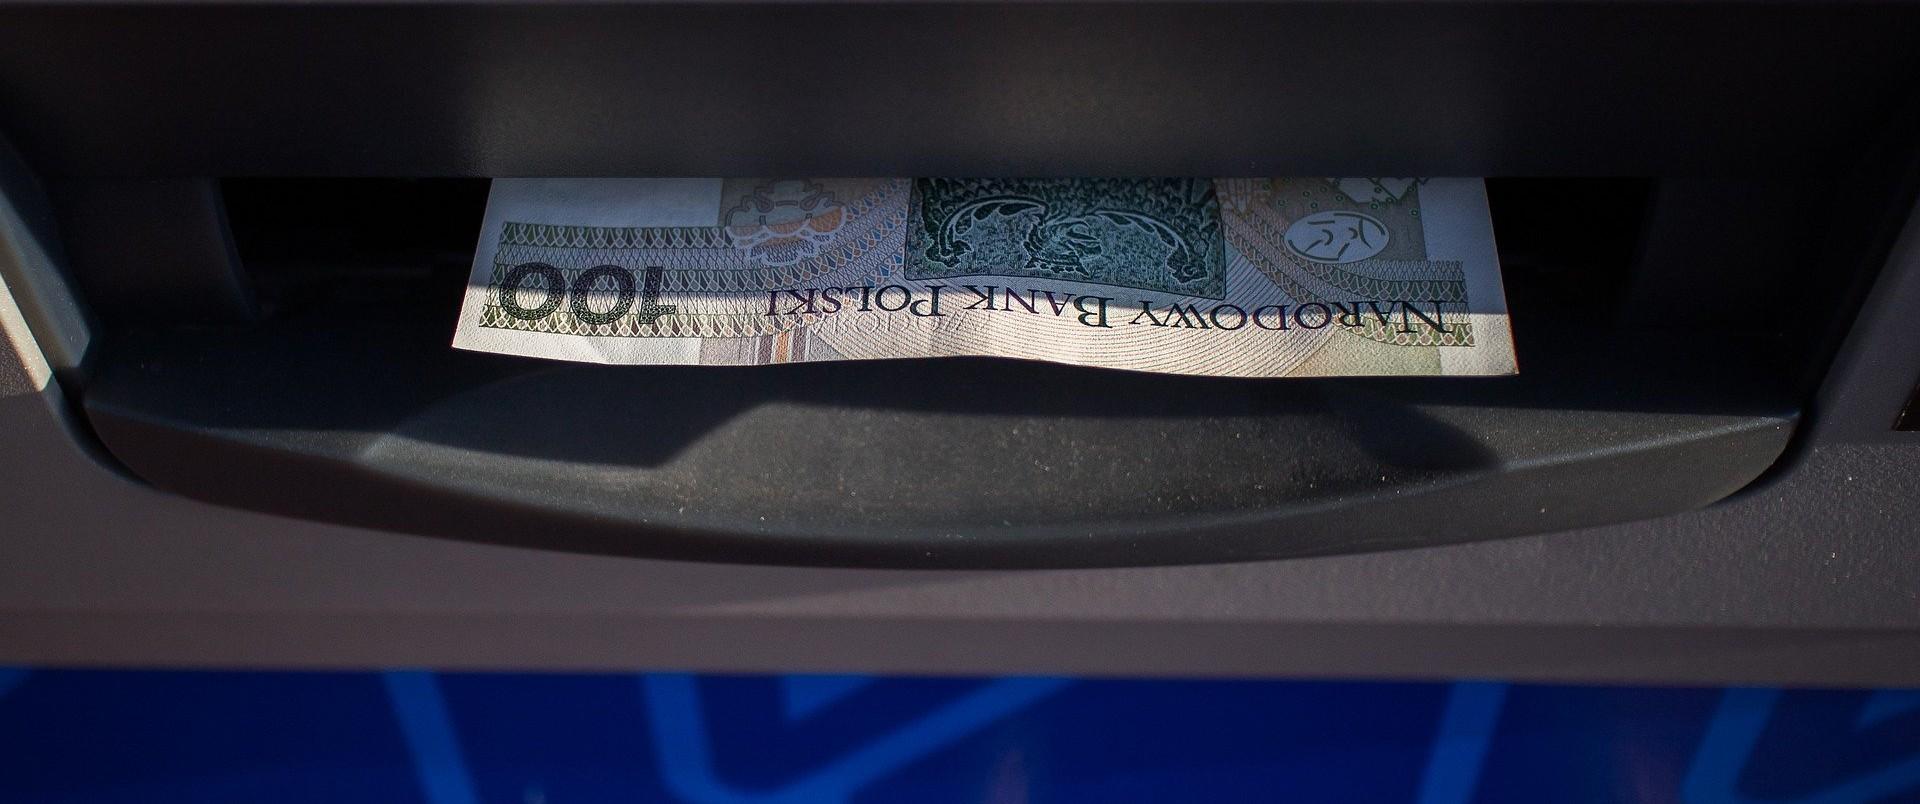 Polacy nie mają oszczędności na kryzys. A czy budżet państwa ma?